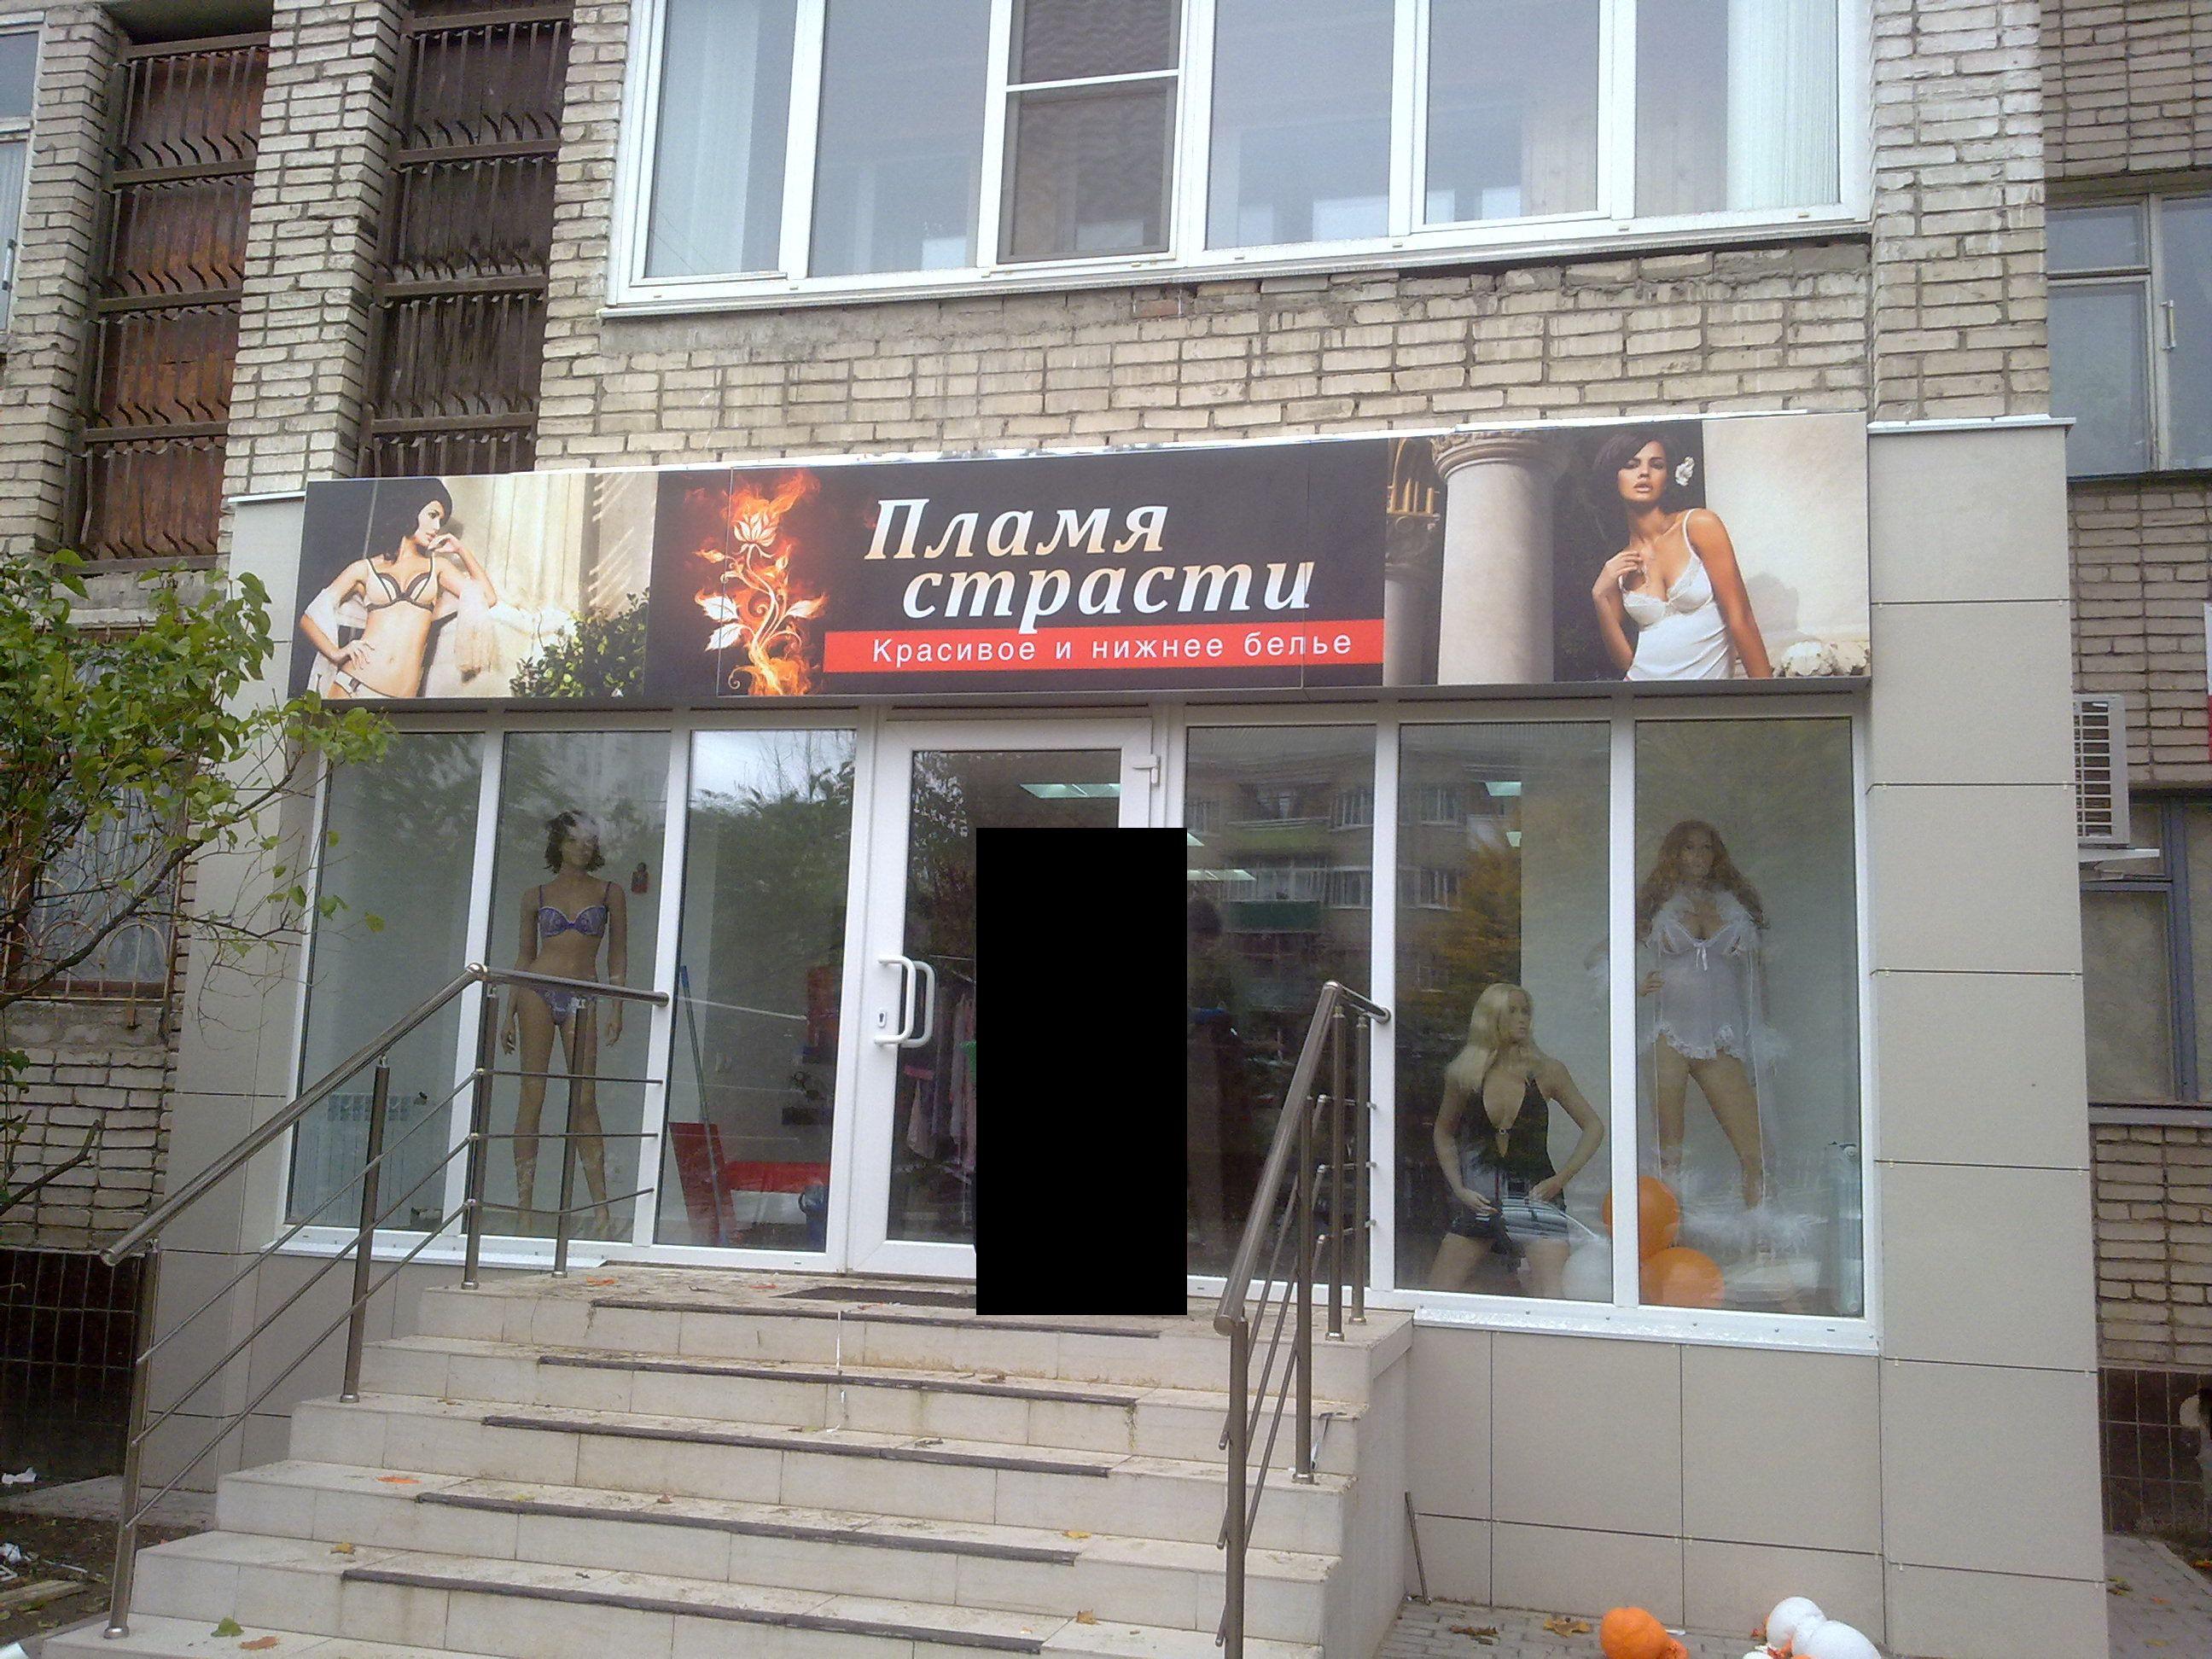 magazin-intim-tovarov-spb